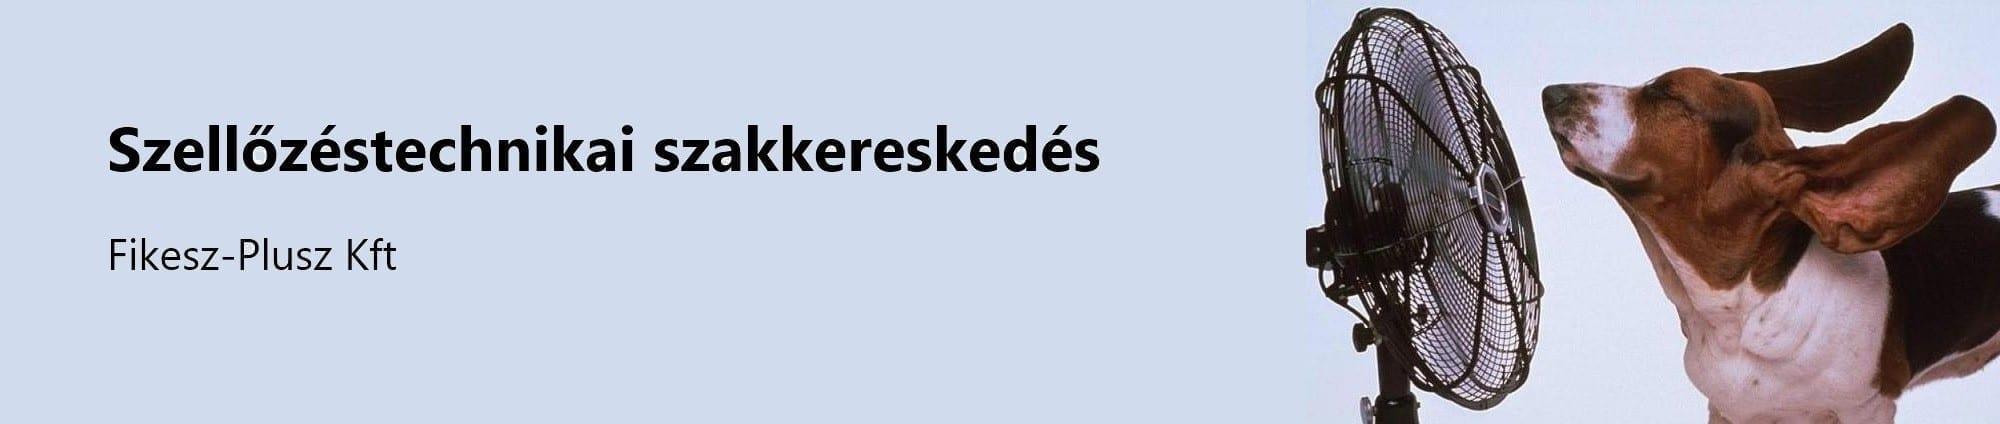 Fikesz-Plusz Kft, Szellőzéstechnikai szakkereskedés